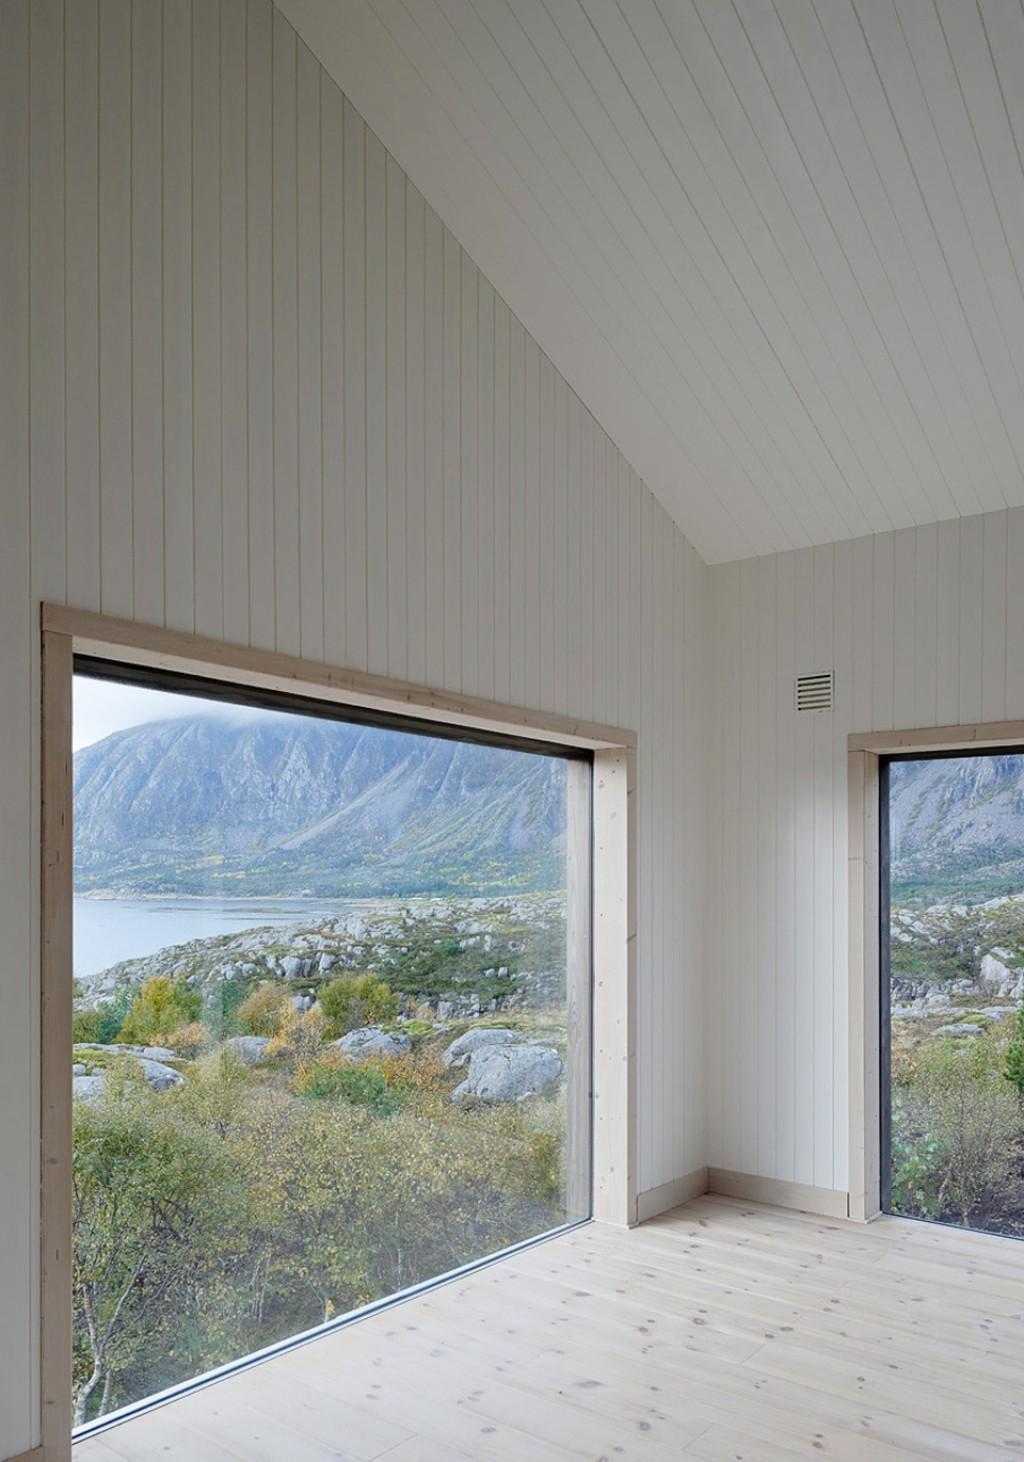 Vega / Kolman Boye Architects